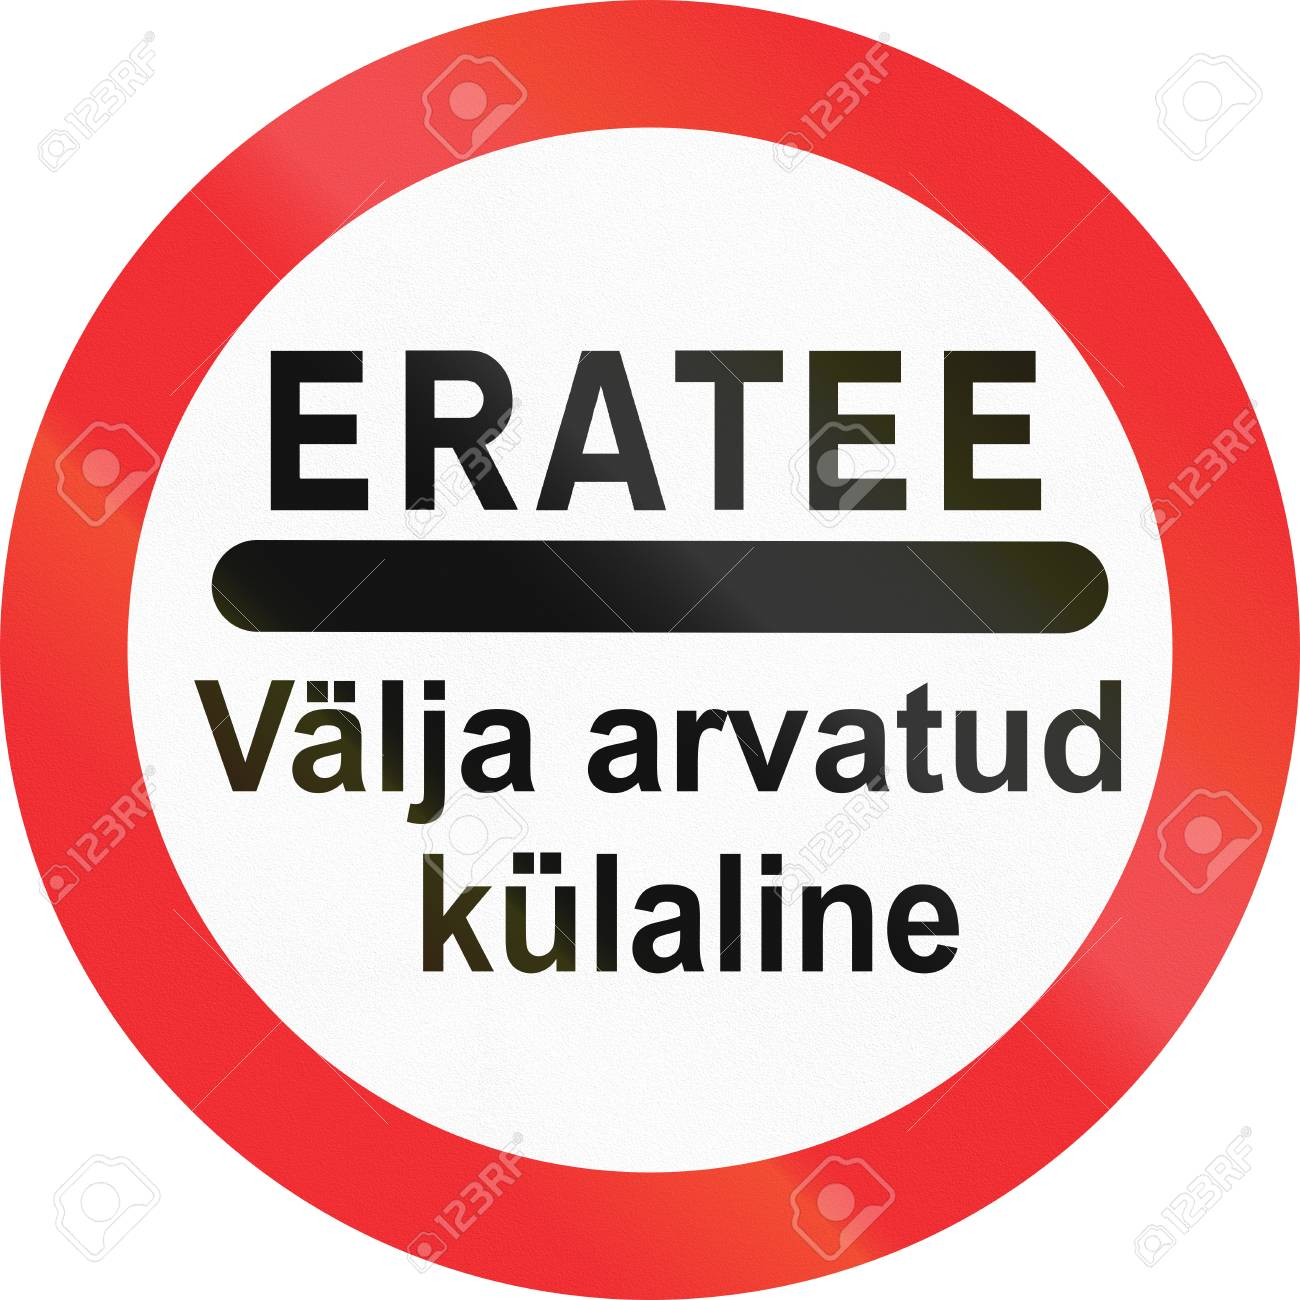 Estisch Verbodsbordje De Woorden Betekenen Privéweg Behalve